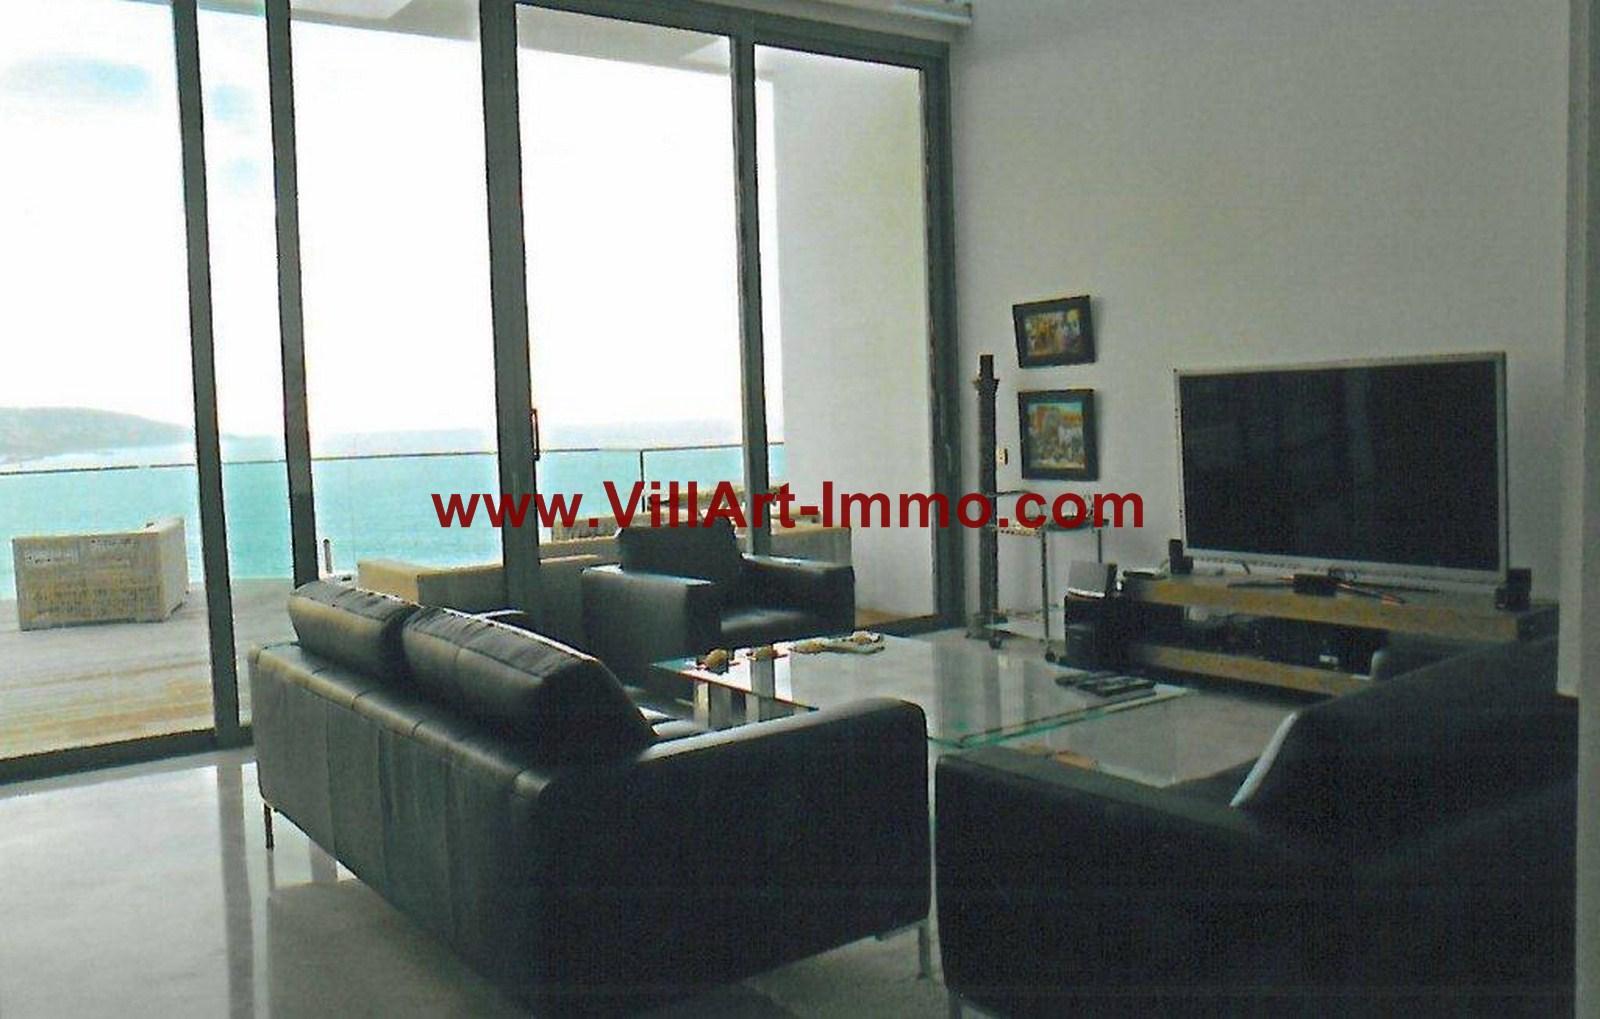 2-Location-Appartement-Meublé-Tanger-Salon-L749-Villart immo